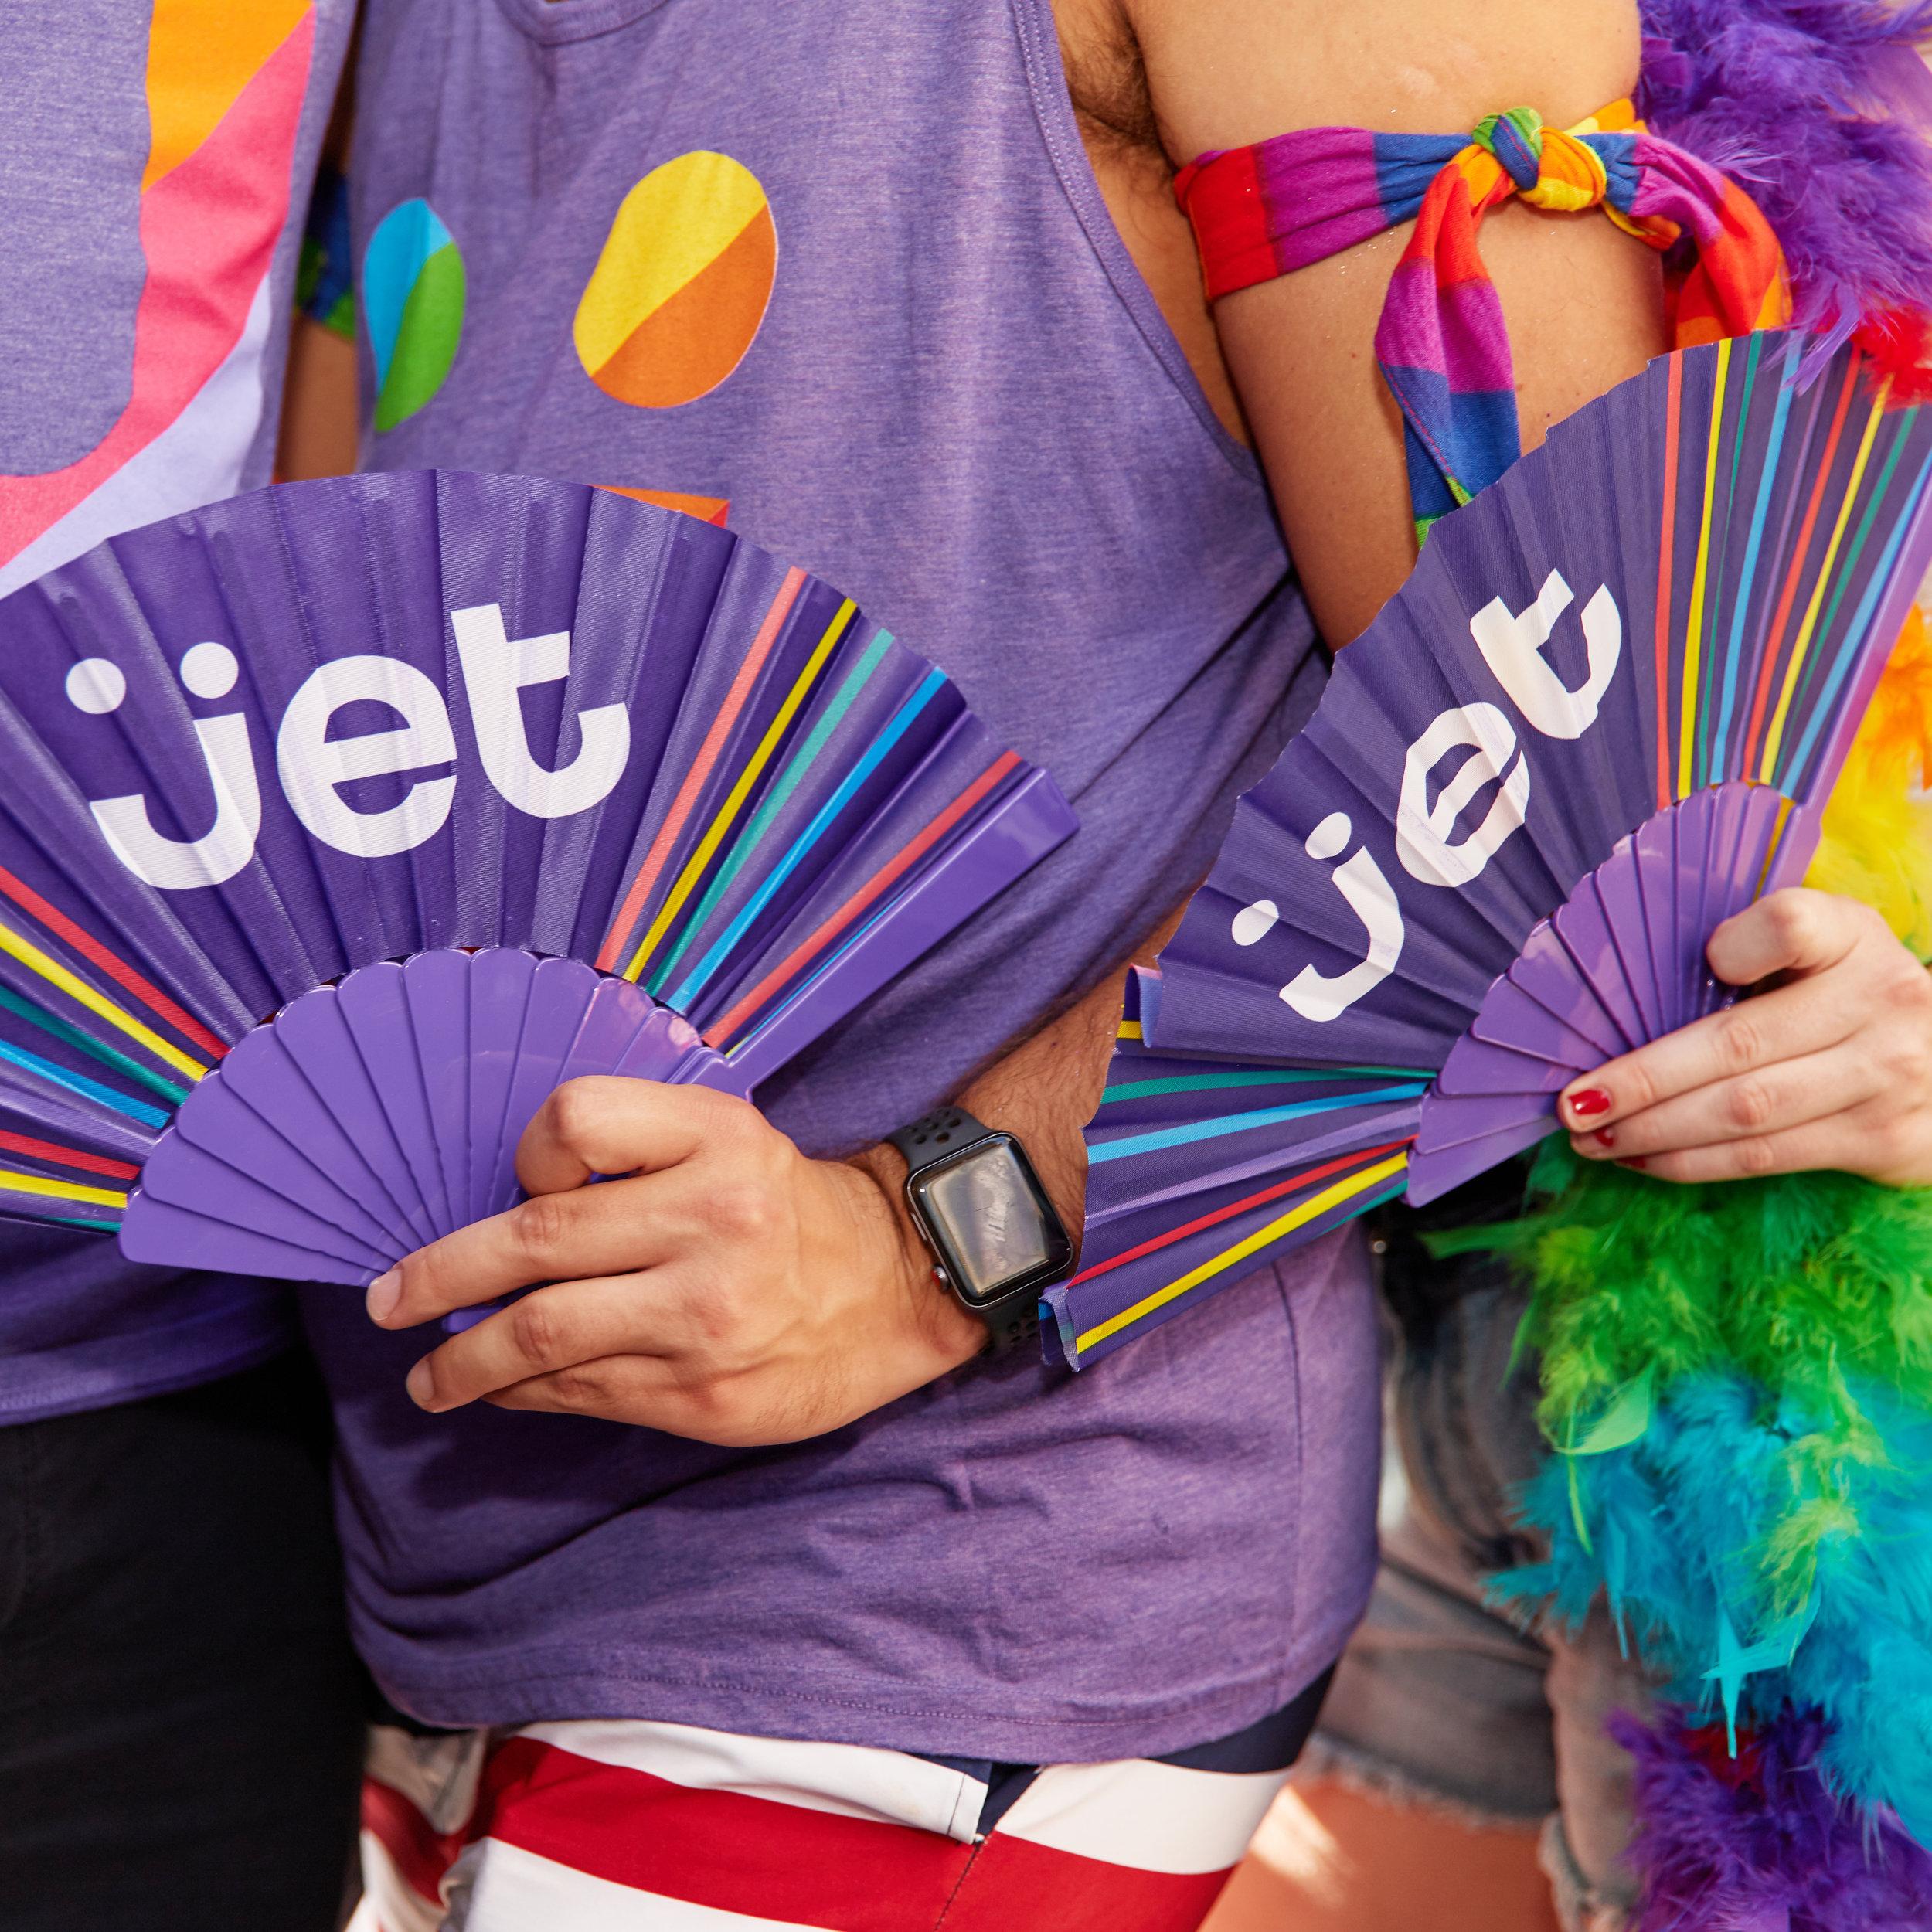 20190630_Pride_Parade_MG_0036.jpg